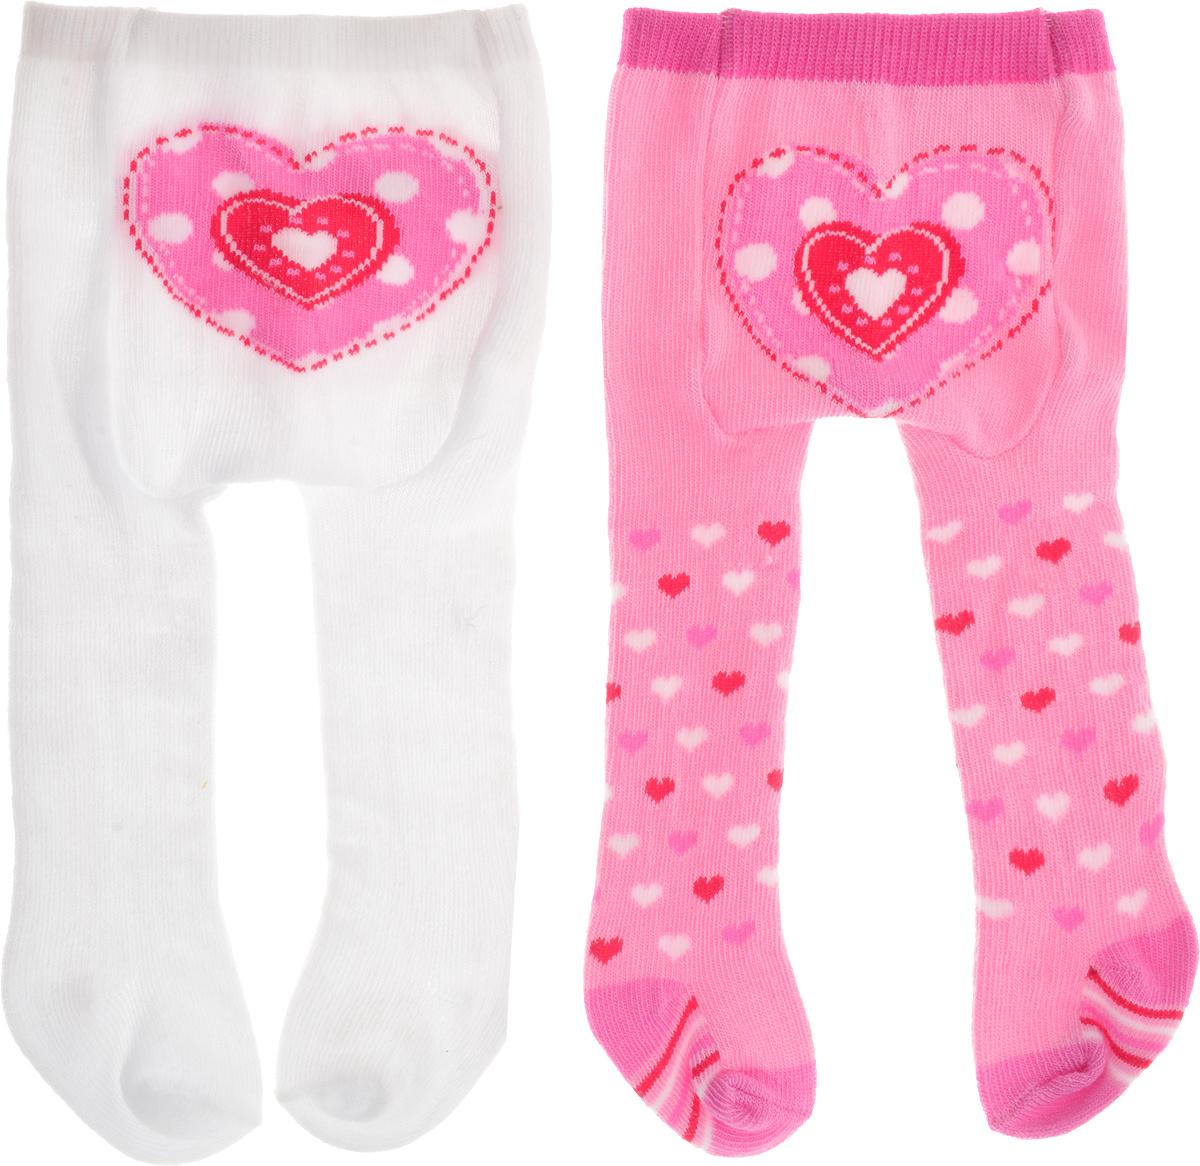 Baby Born Одежда для кукол Колготки цвет белый розовый 2 шт #1